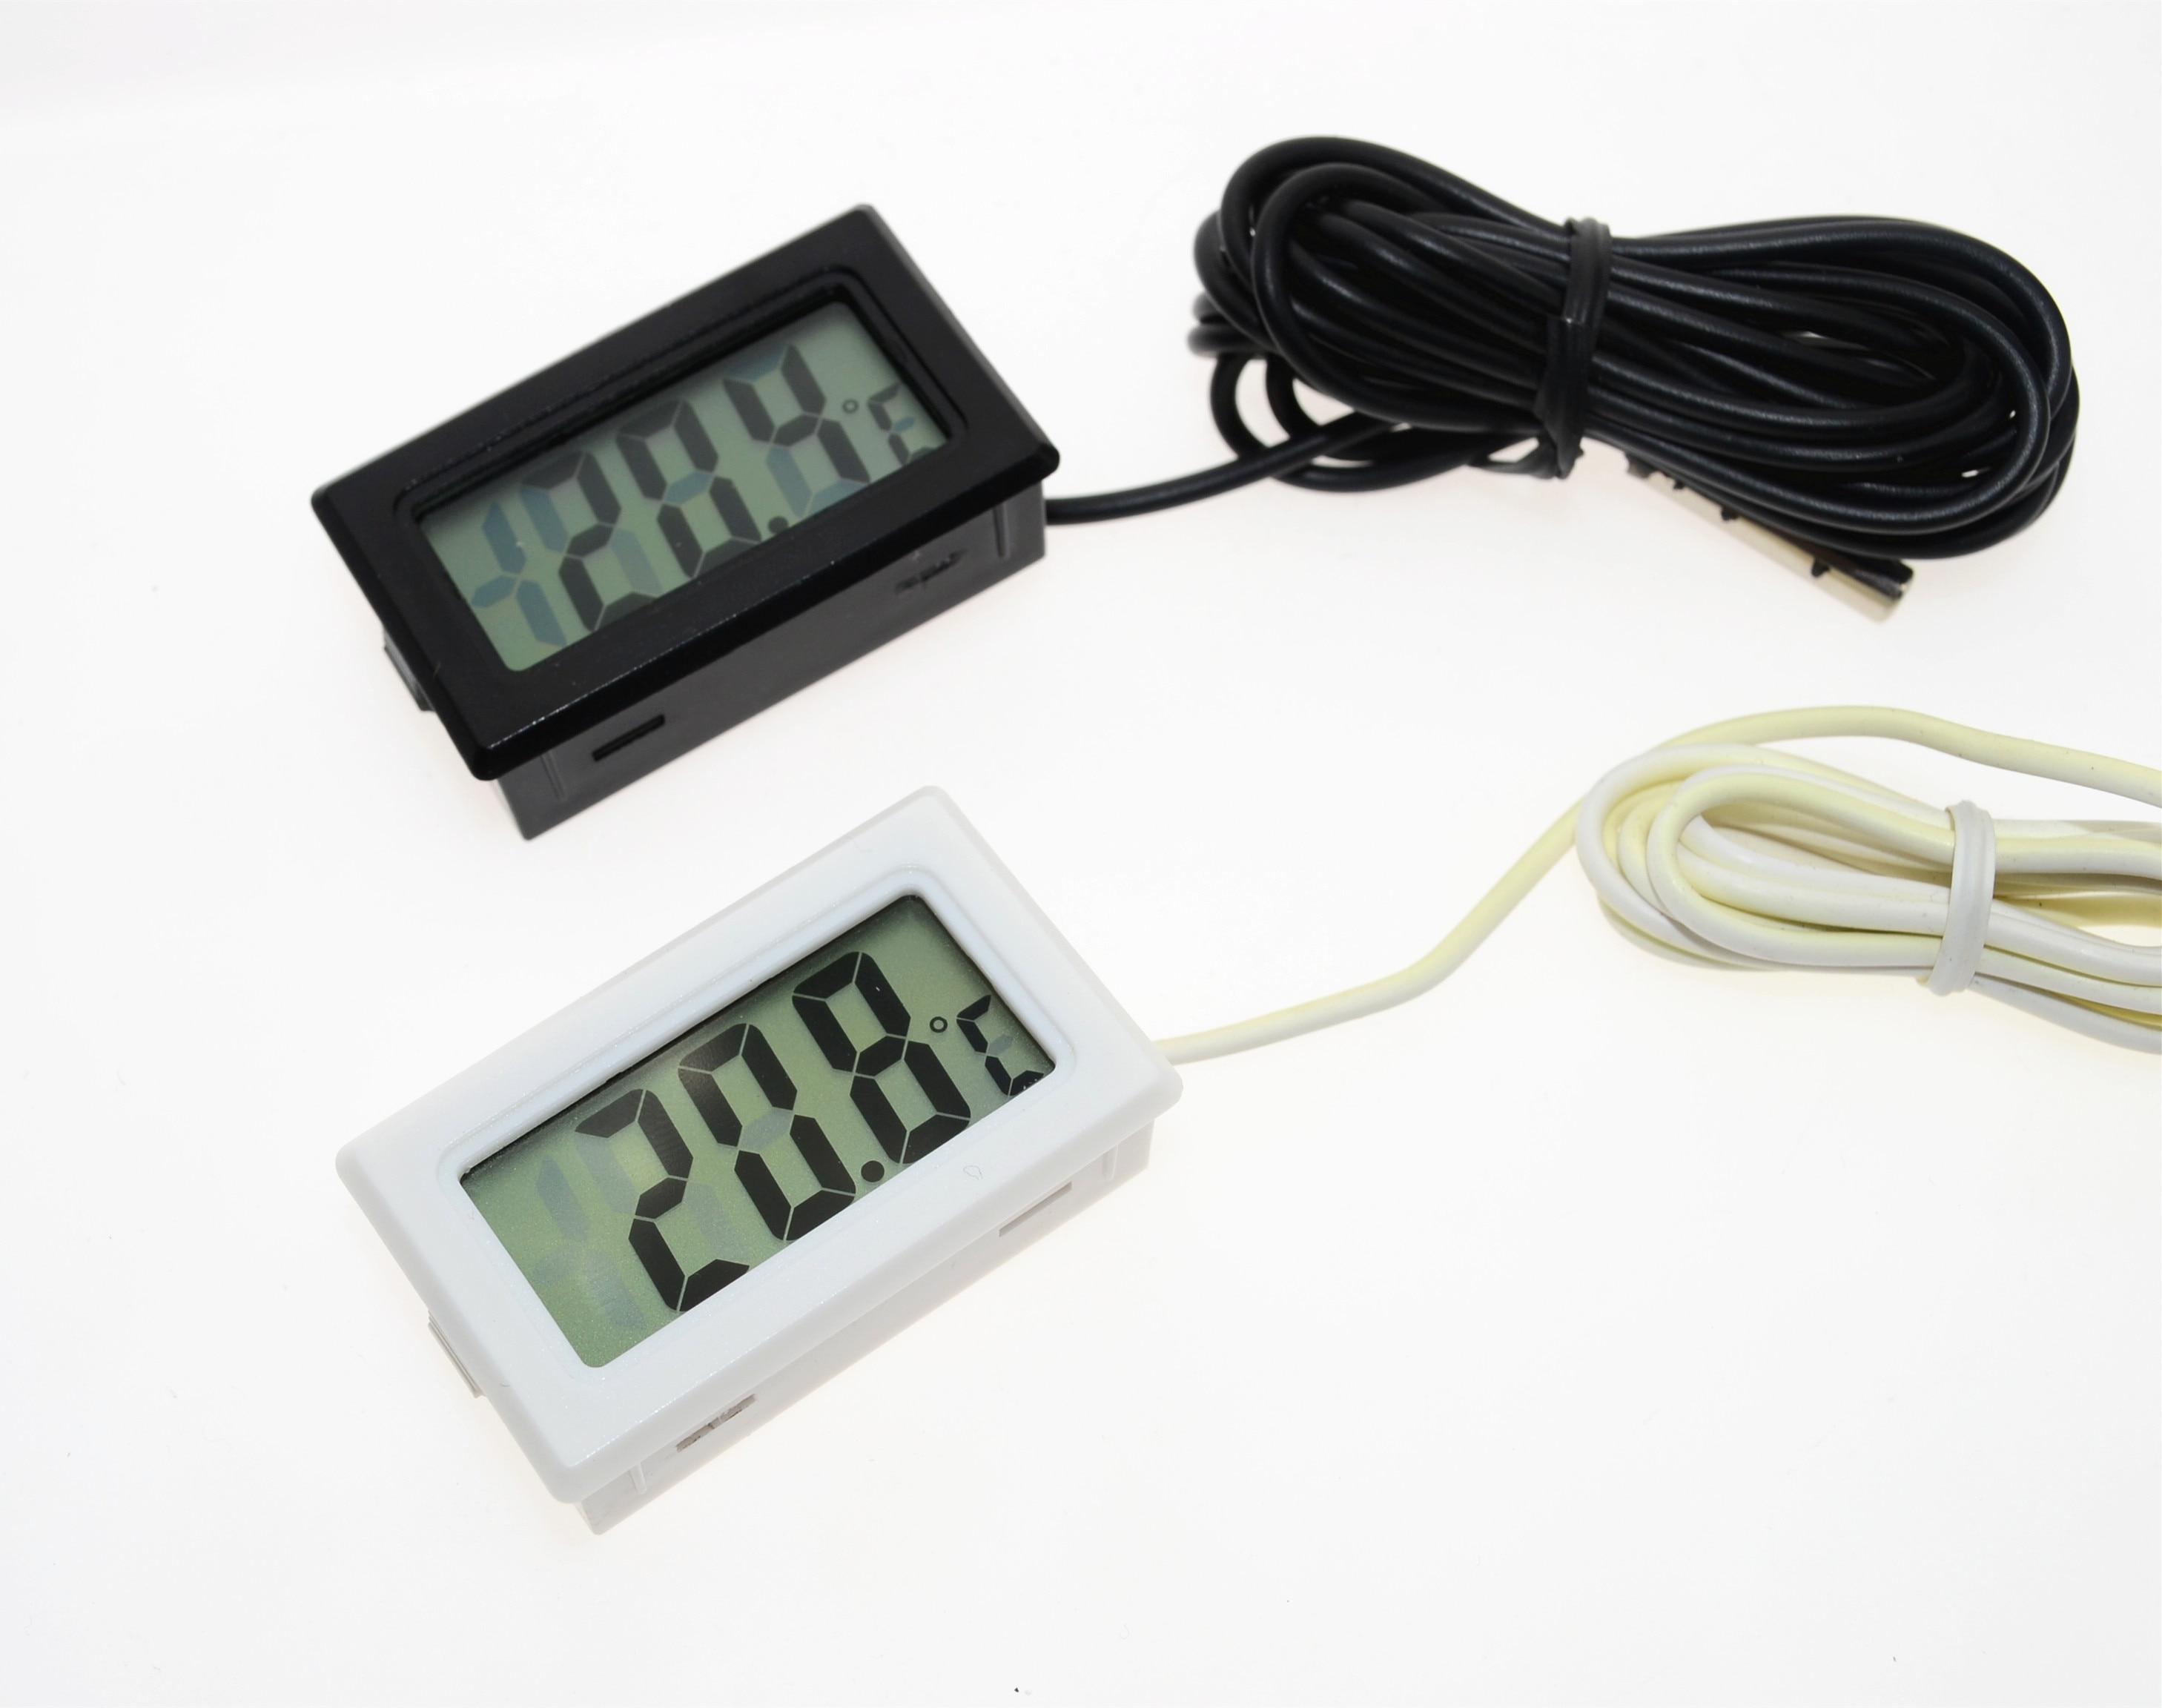 Цифровой мини термометр с ЖК дисплеем, датчик температуры, автоматическое управление холодильником, морозильной камерой, термометр|thermometer temperature|thermometer digital lcdthermometer lcd | АлиЭкспресс